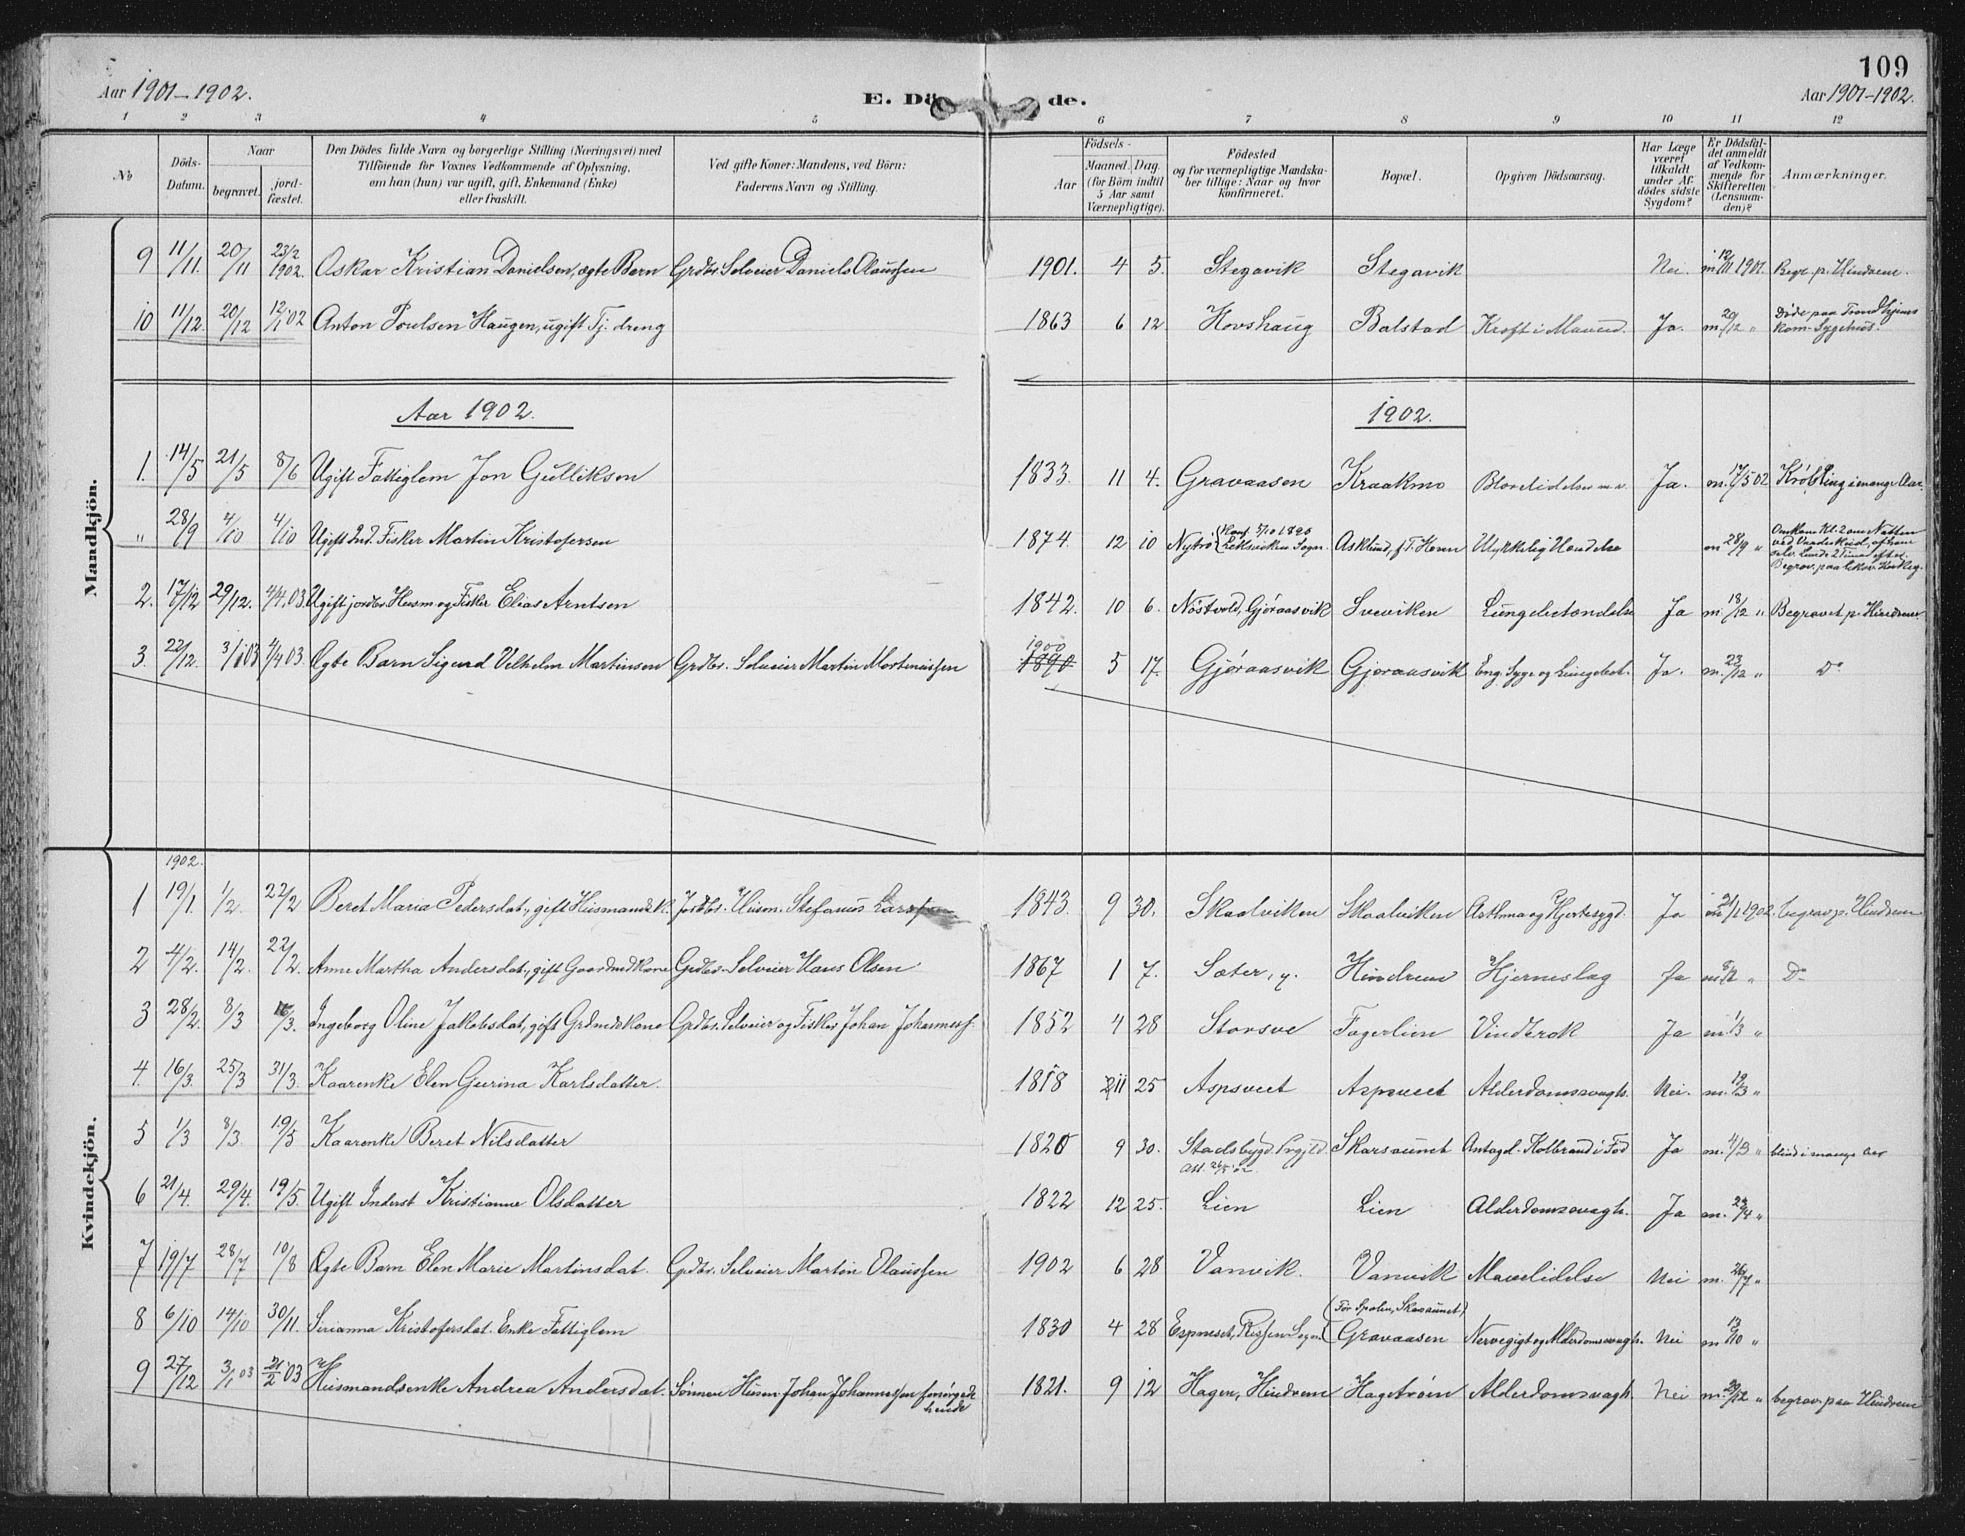 SAT, Ministerialprotokoller, klokkerbøker og fødselsregistre - Nord-Trøndelag, 702/L0024: Ministerialbok nr. 702A02, 1898-1914, s. 109